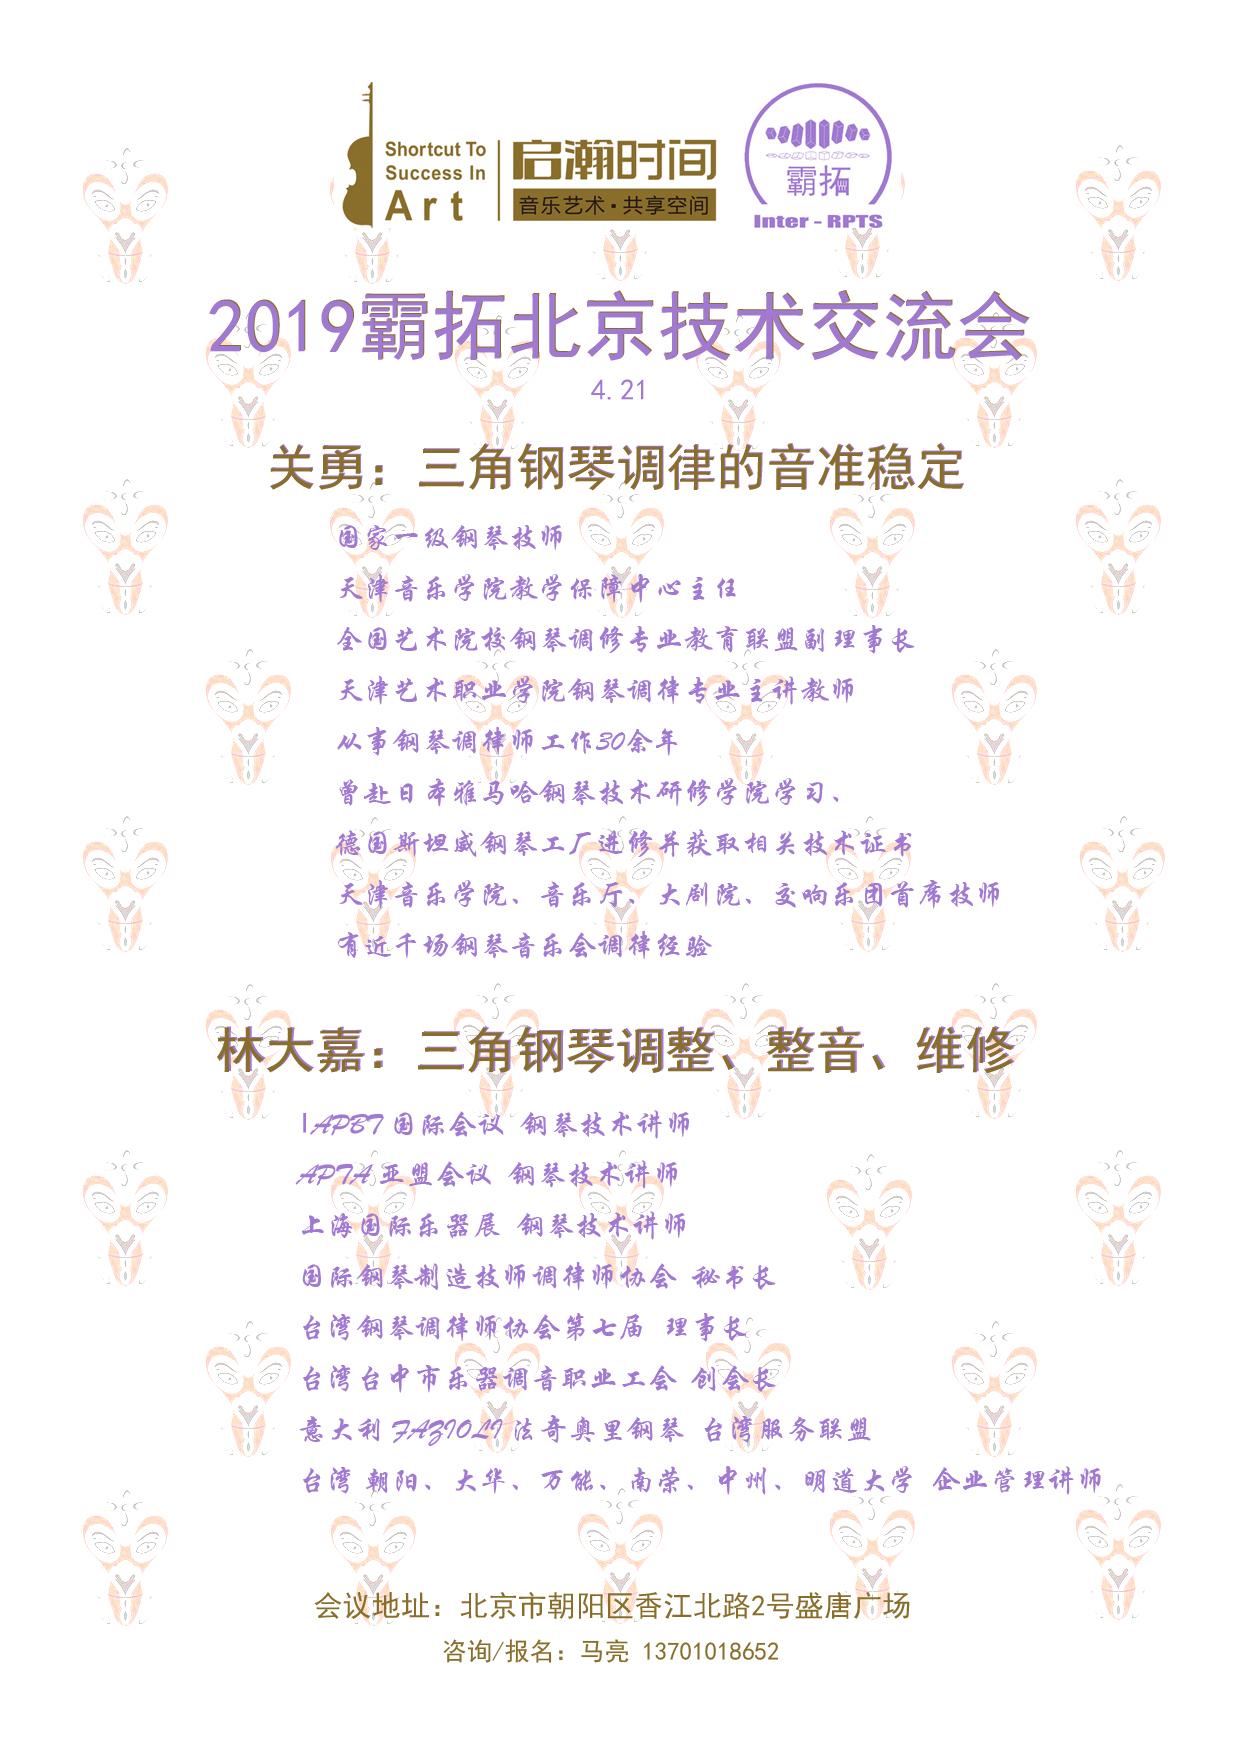 霸拓2019北京-海报 100+.jpg